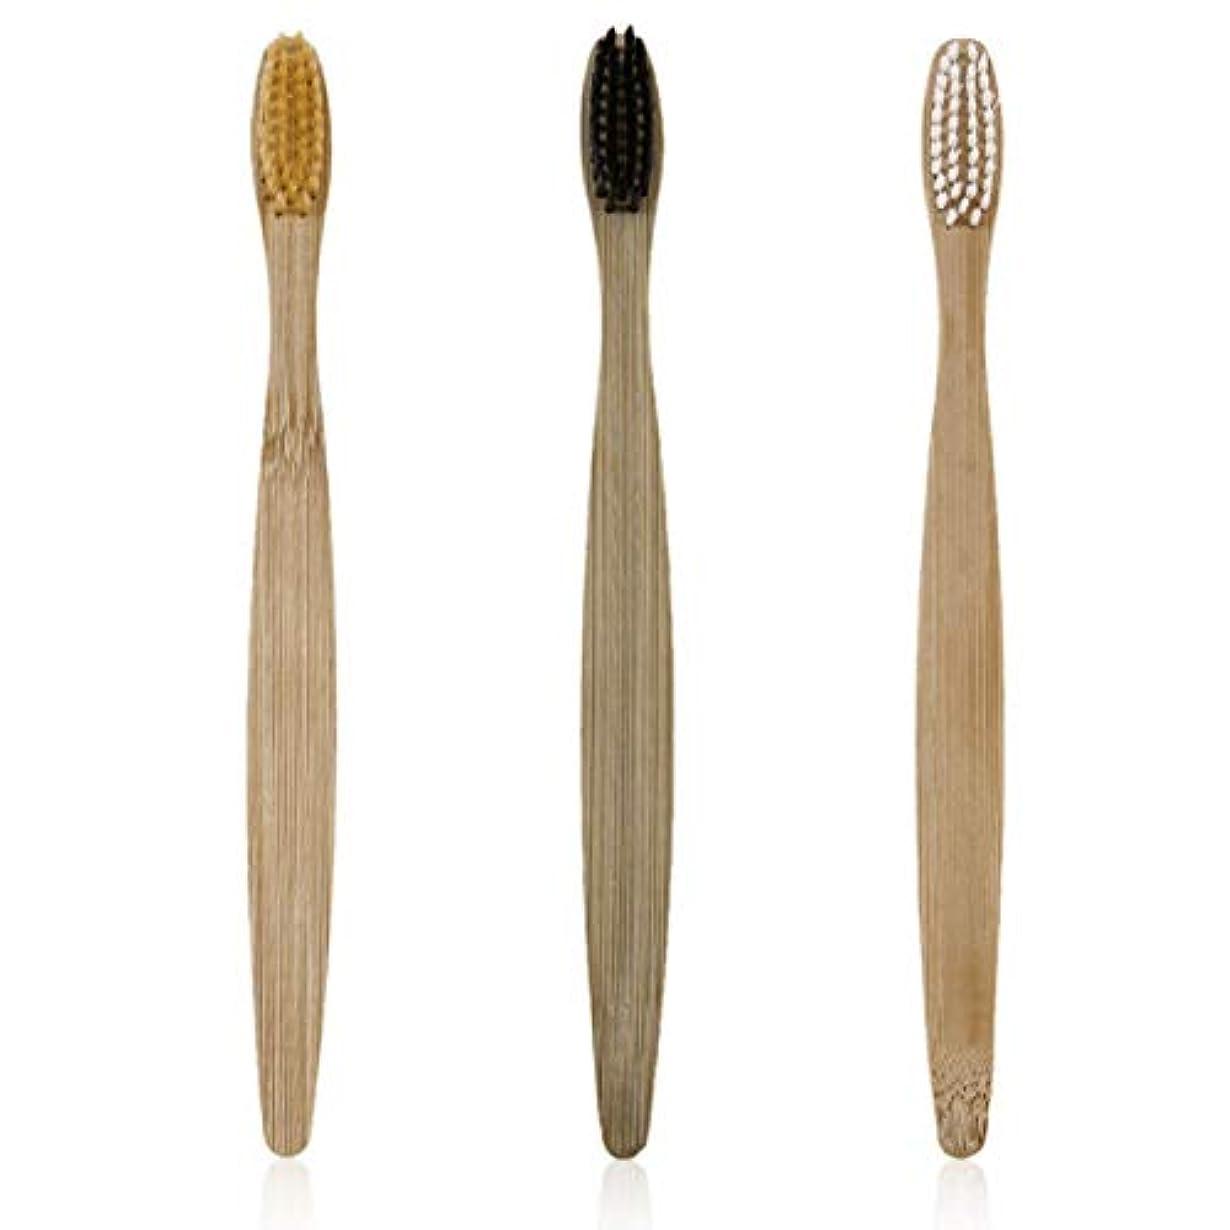 こんにちは修理工ページェント3本/セット環境に優しい木製の歯ブラシ竹の歯ブラシ柔らかい竹繊維の木製のハンドル低炭素環境に優しい - ブラック/ホワイト/イエロー